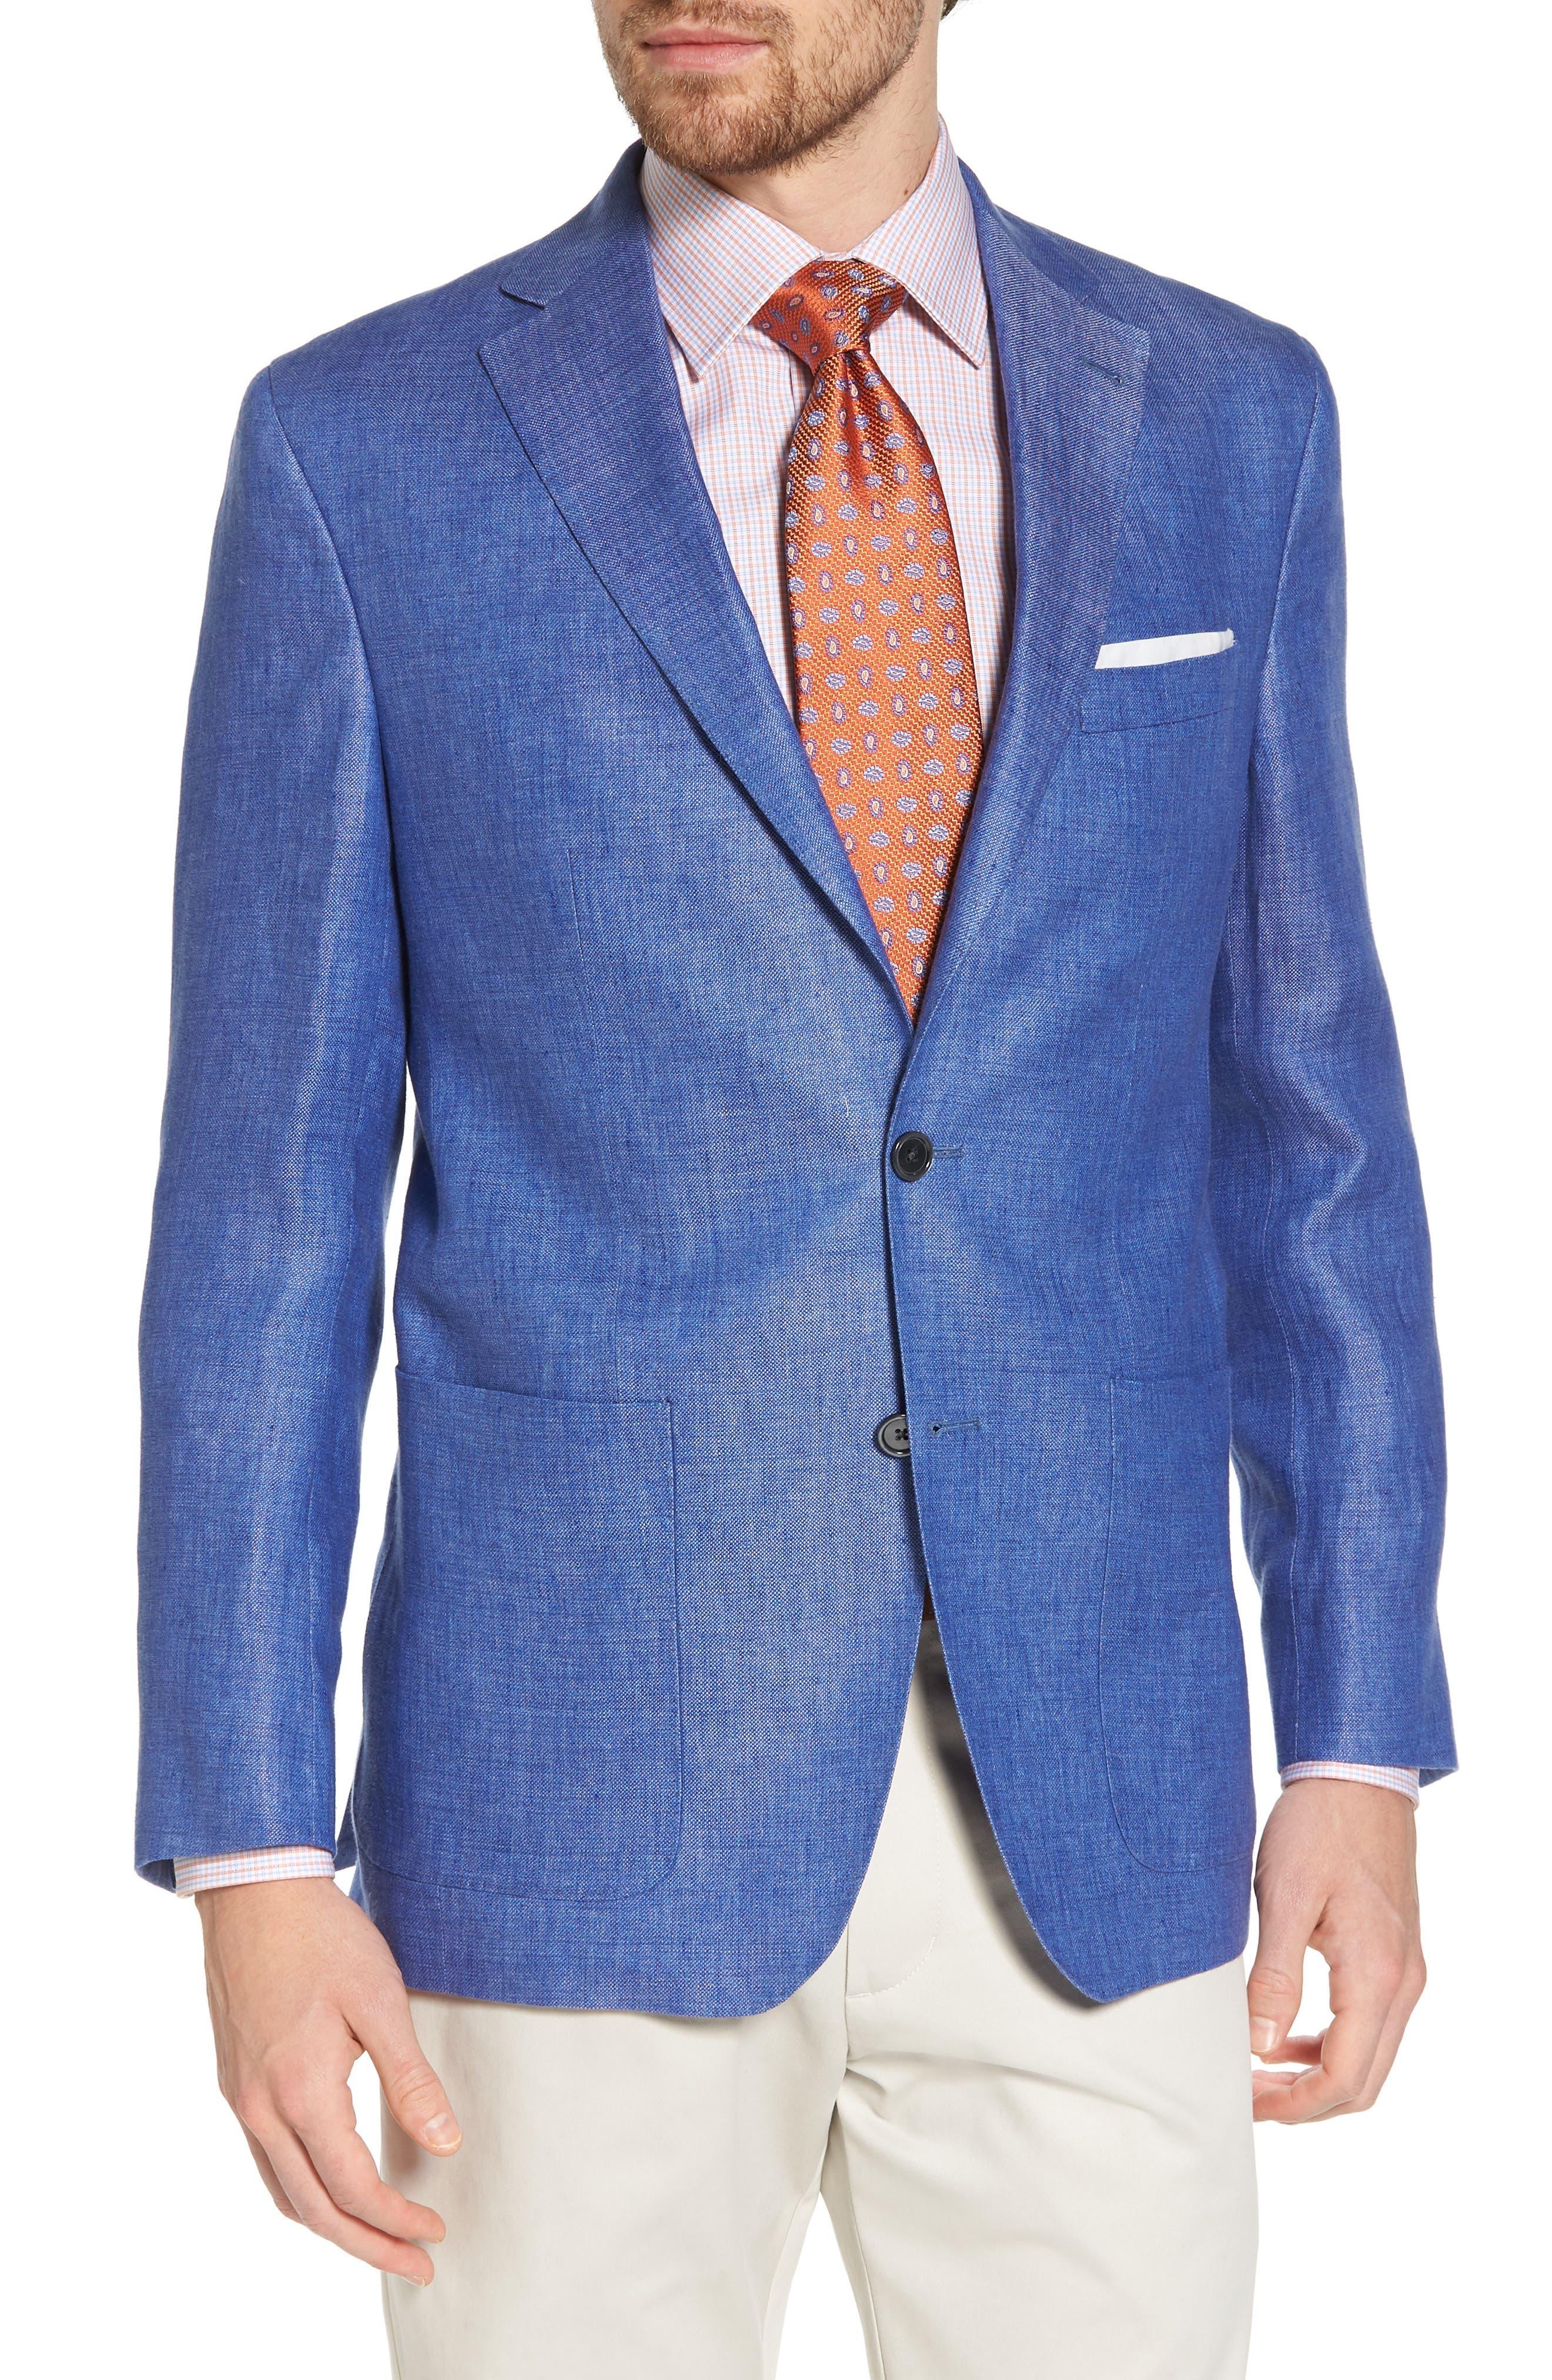 Aiden Classic Fit Linen Blazer,                         Main,                         color, 400